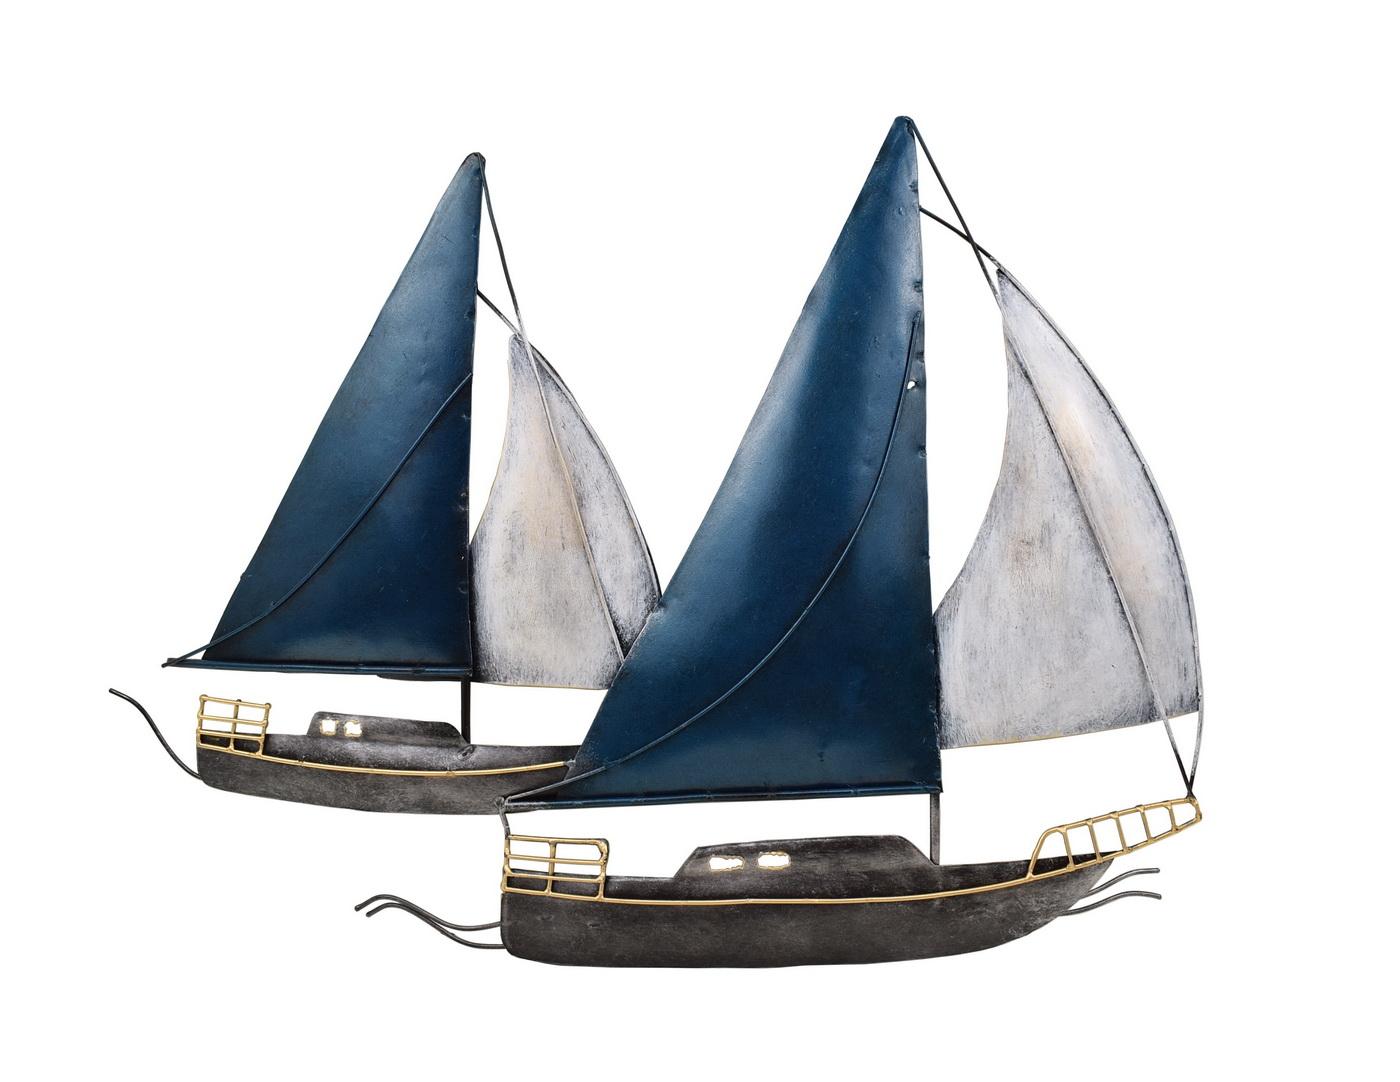 Full Size of Klapptisch Wanddeko Schiff Segelboot Metall Segel Boot Maritim Real Küche Garten Wohnzimmer Wand:ylp2gzuwkdi= Klapptisch